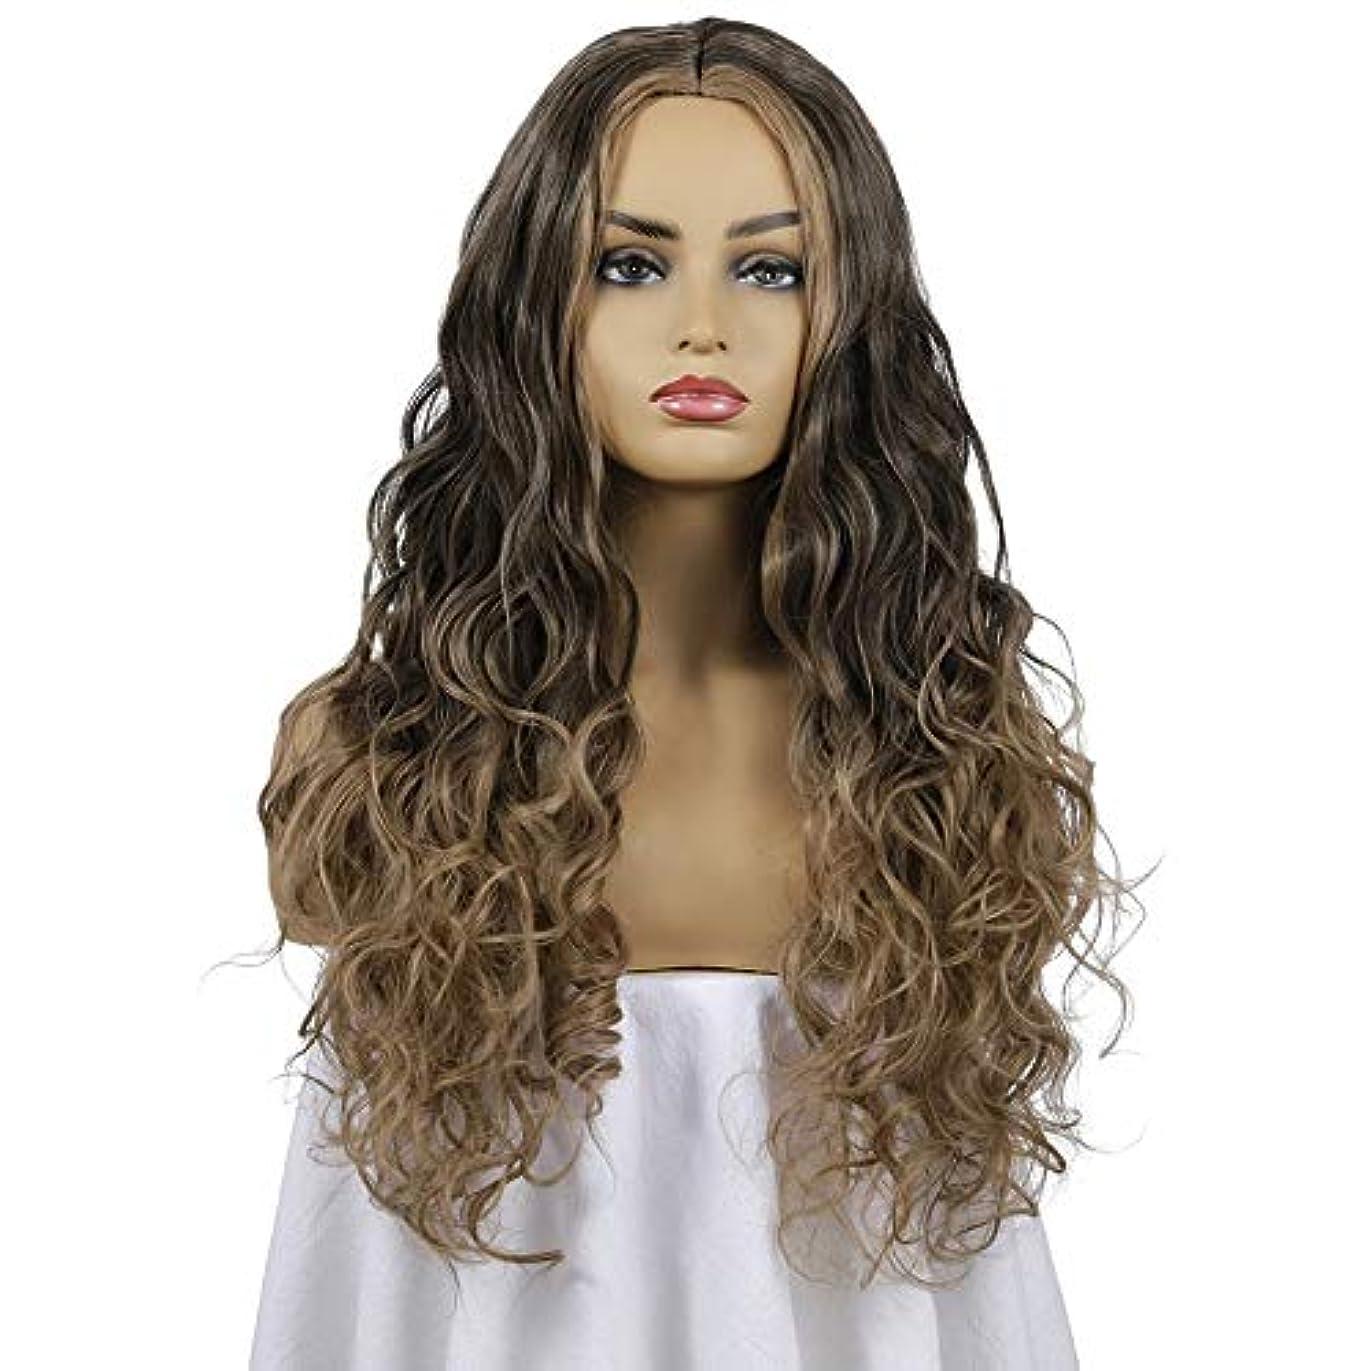 明示的にバングマキシム女性の長い巻き毛のウェーブのかかった髪のかつら26インチ魅力的な人工毛交換かつらと中間別れハロウィーンコスプレ衣装アニメパーティーかつら、黒と茶色のかつら